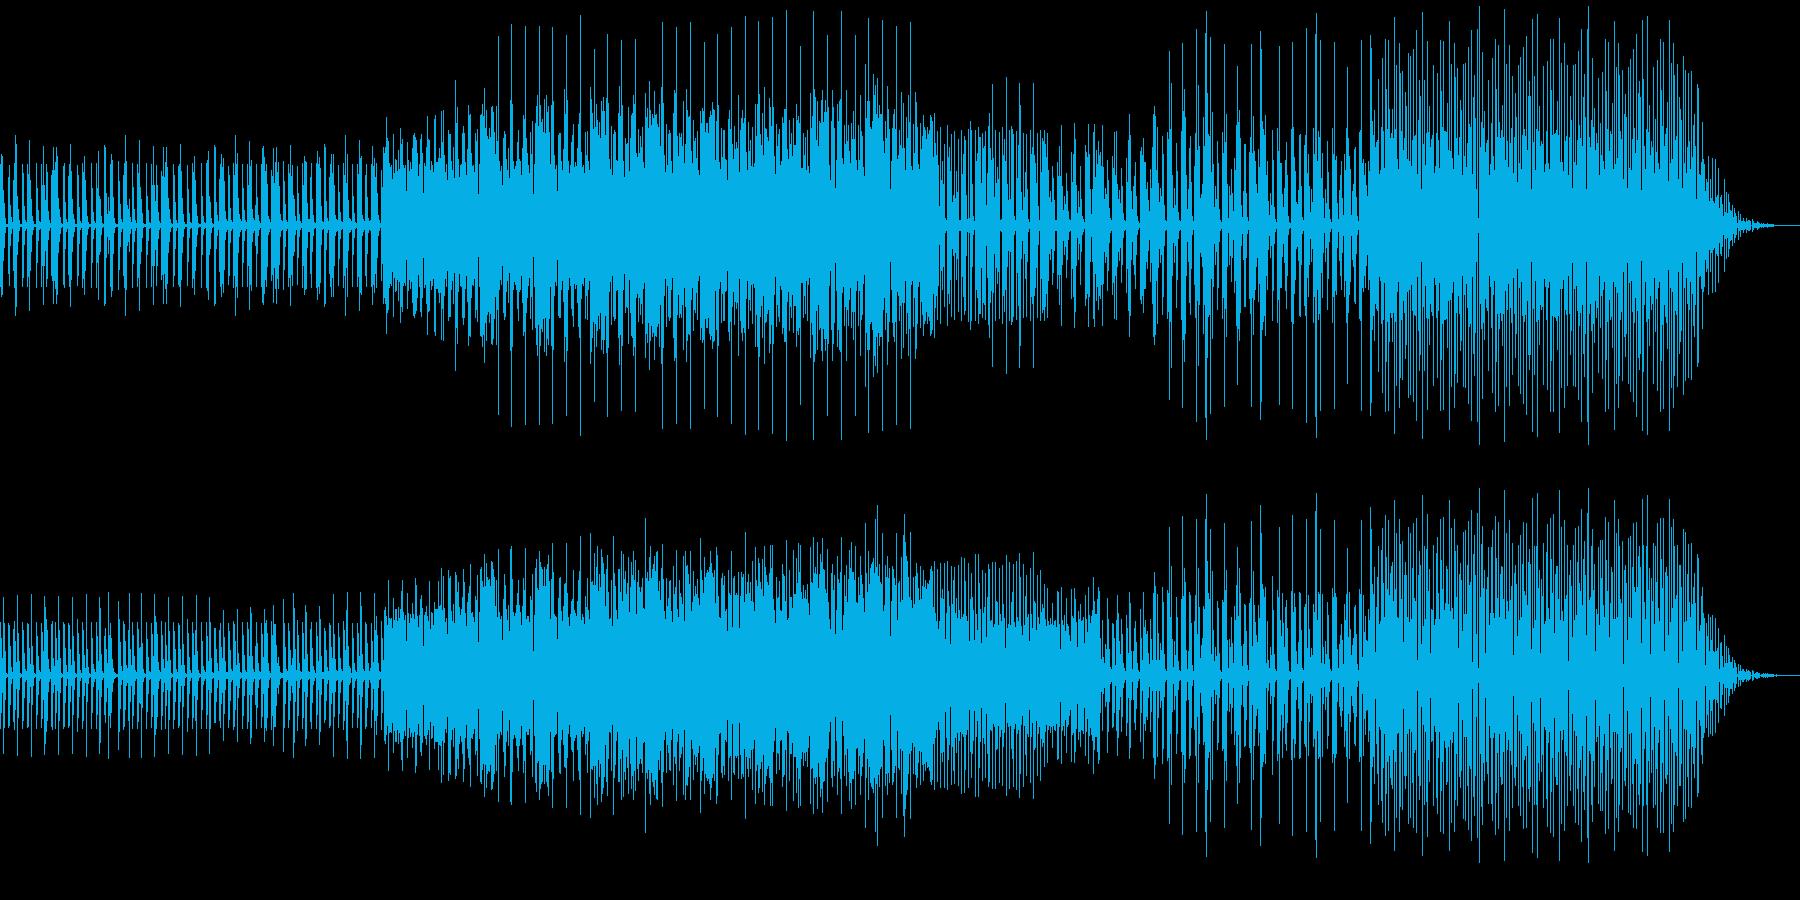 ピアノ等ミニマルミュージックの再生済みの波形